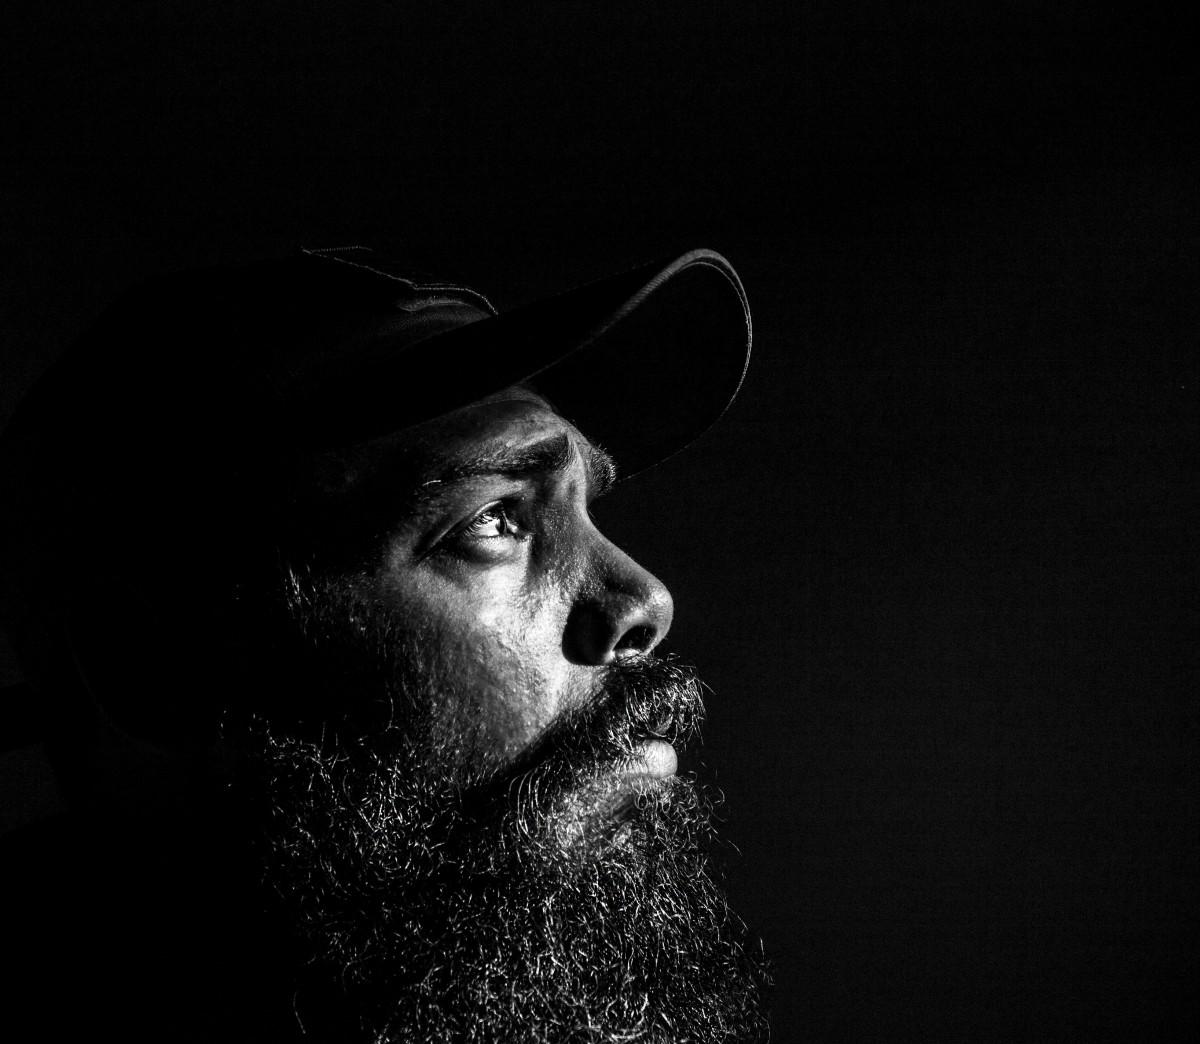 images gratuites noir et blanc la photographie seul solitude m le gars portrait. Black Bedroom Furniture Sets. Home Design Ideas